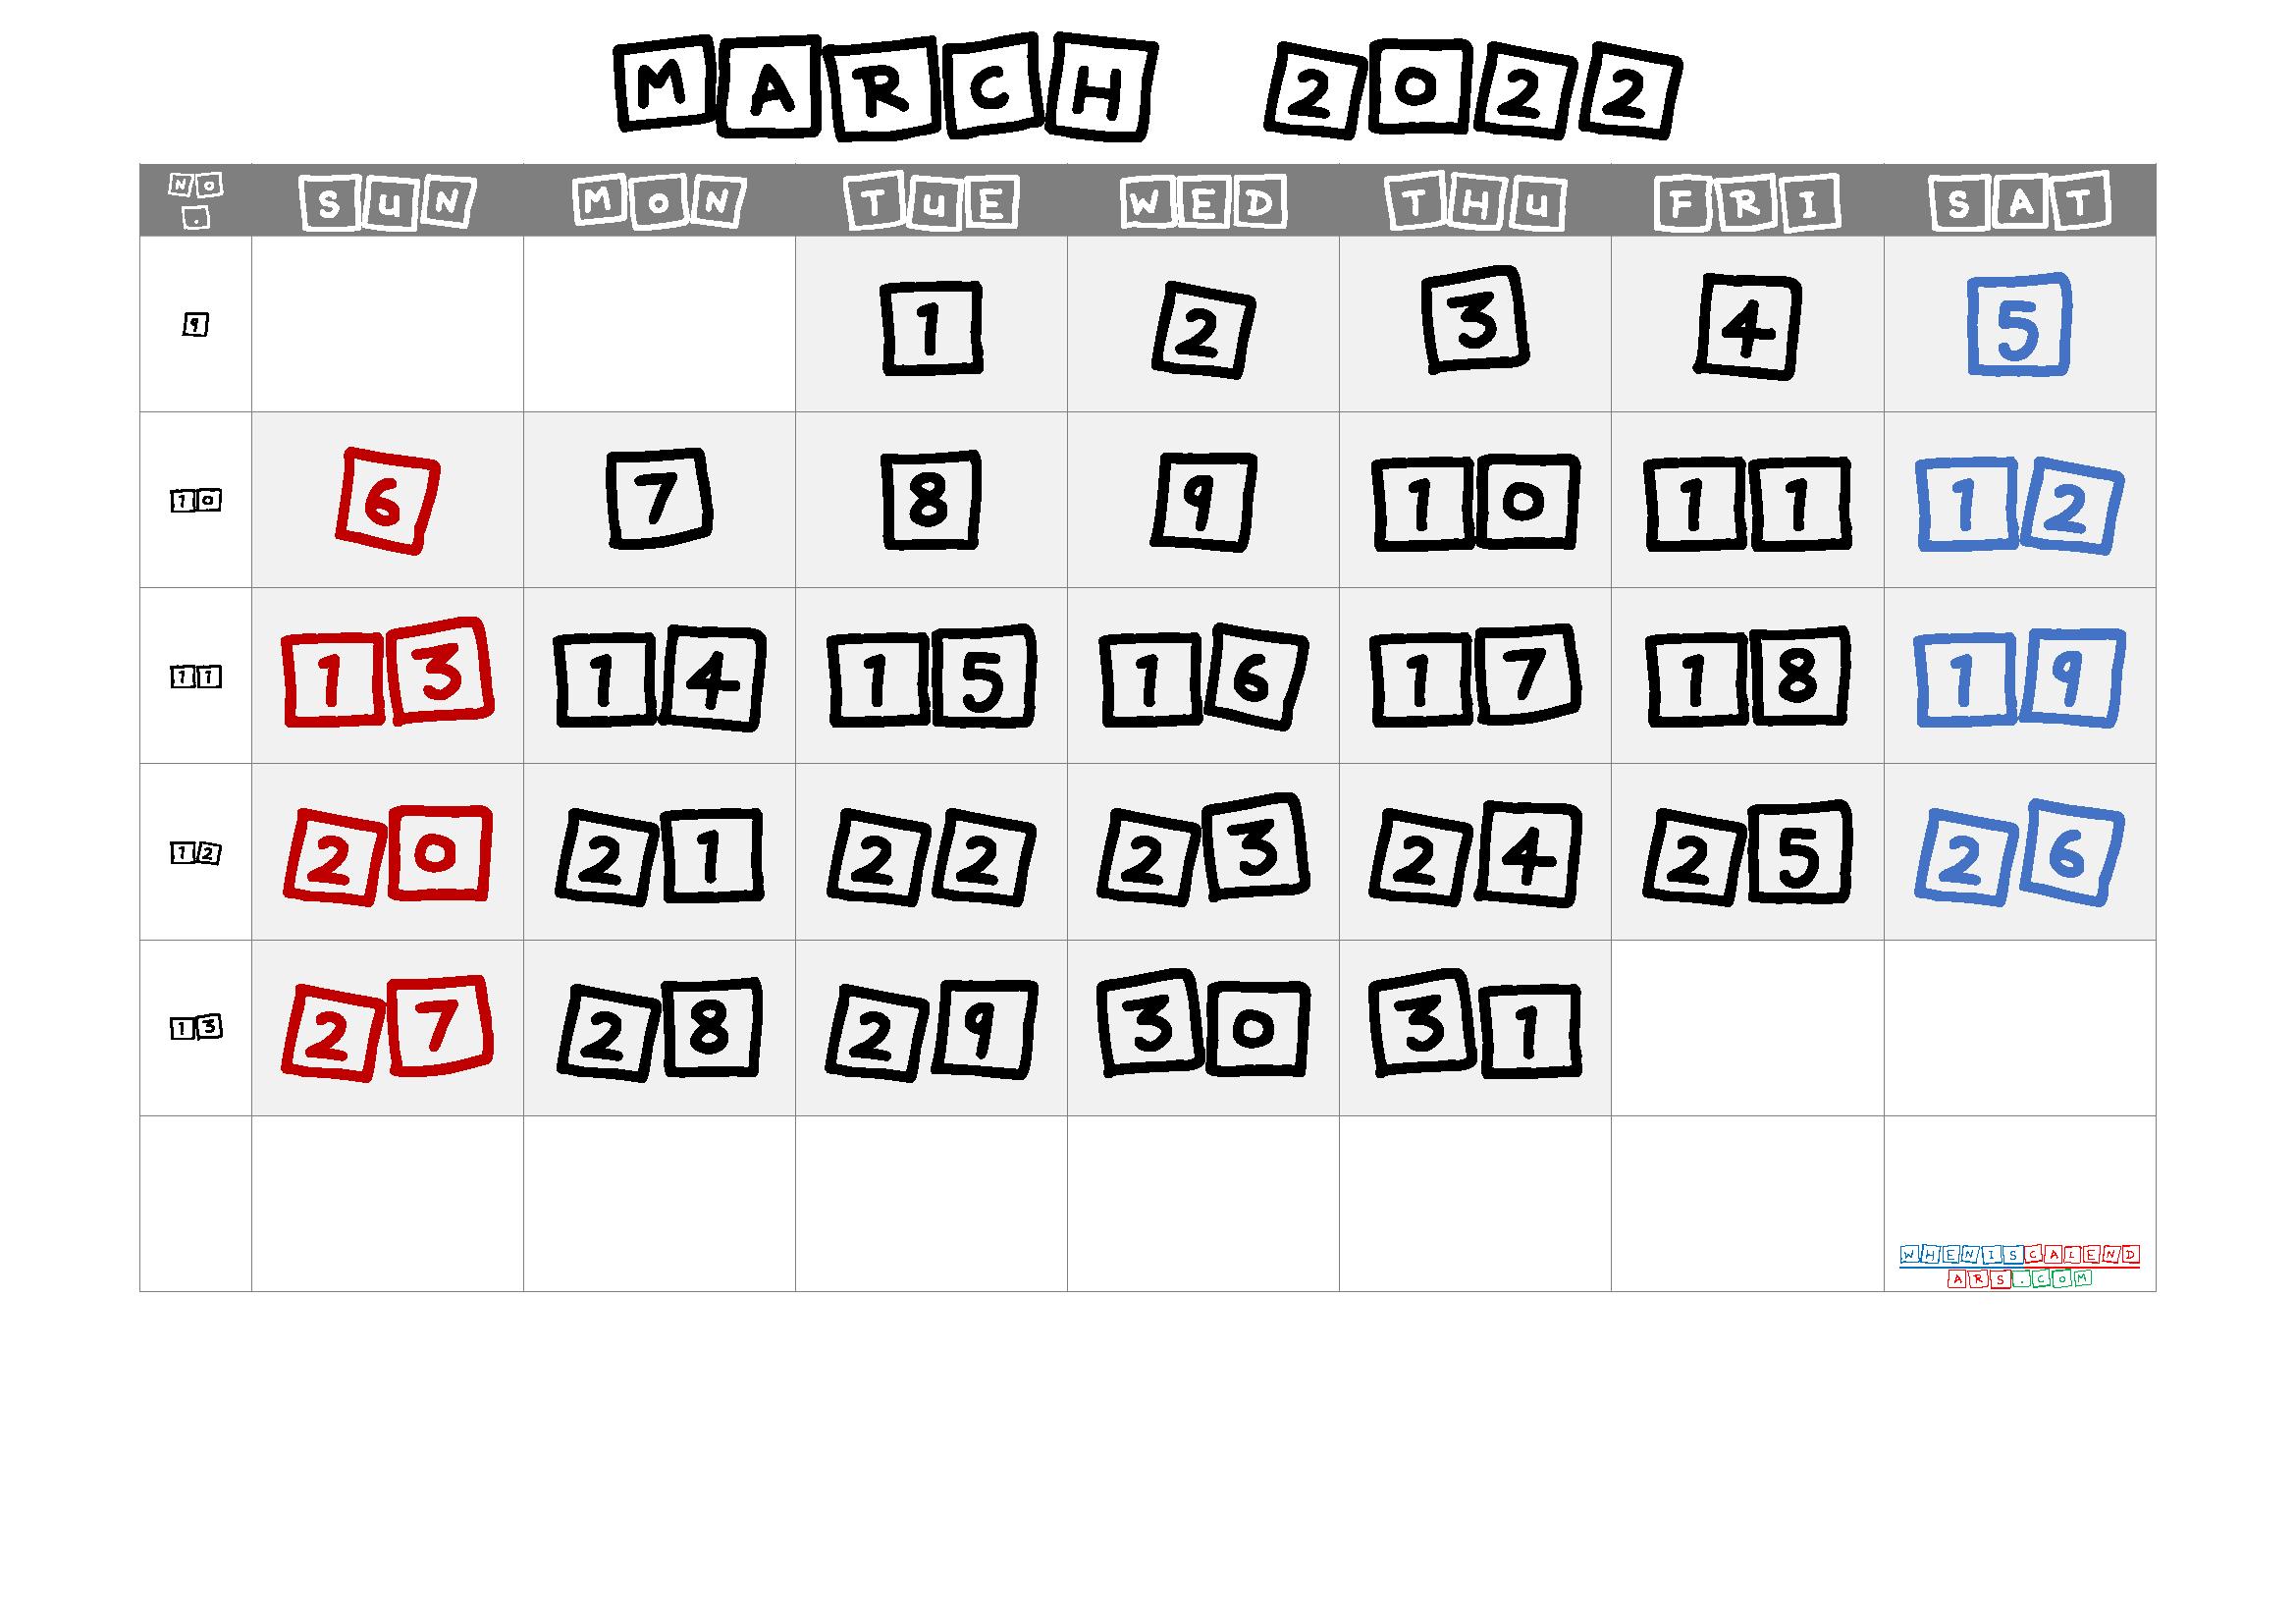 Printable March 2022 Calendar